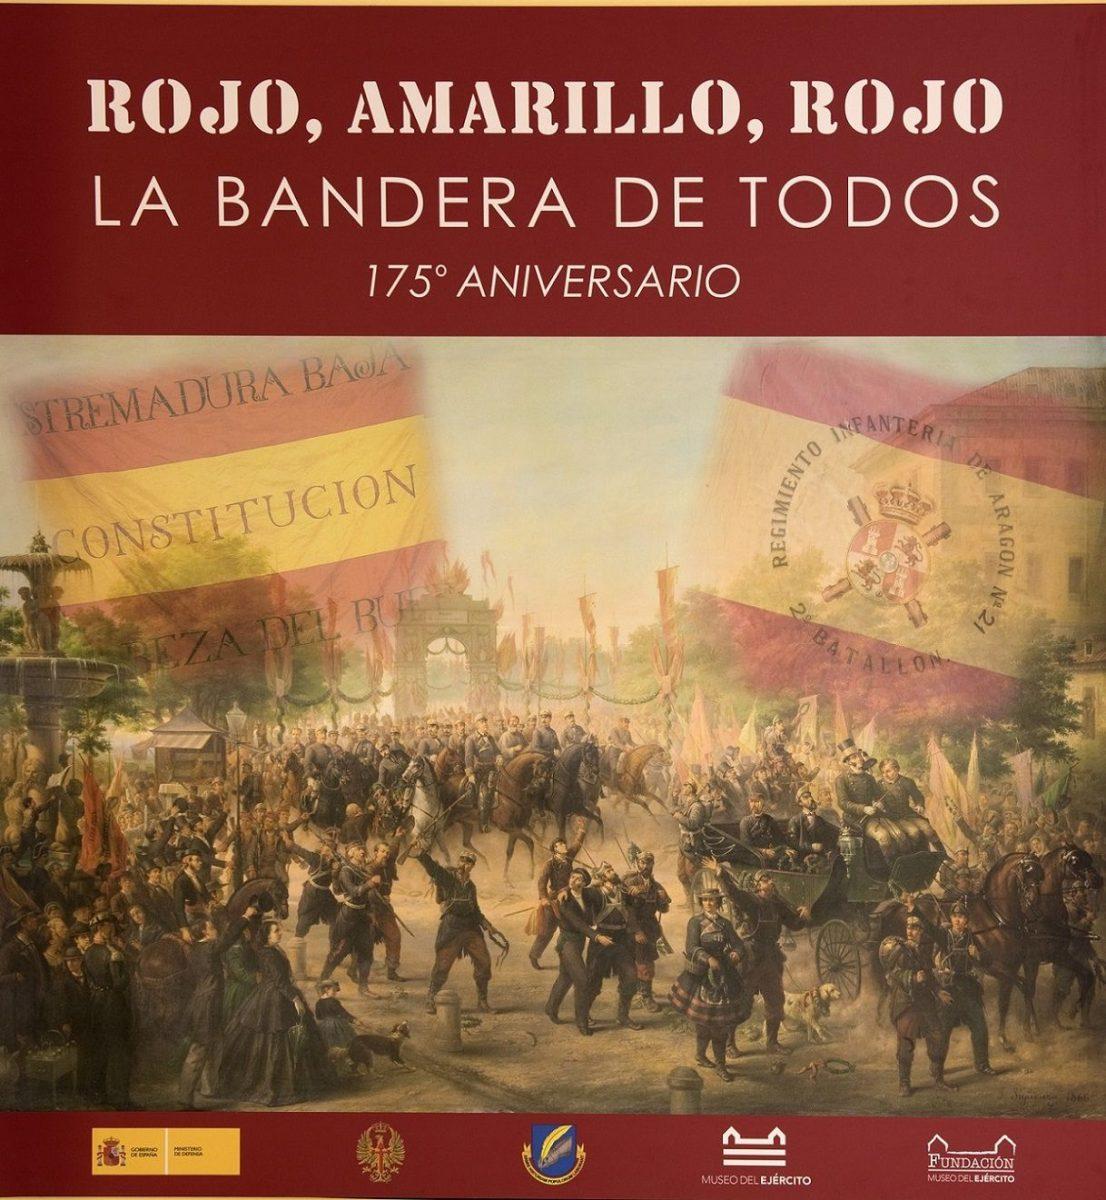 https://www.toledo.es/wp-content/uploads/2018/09/rojo-amarillo-rojo-1106x1200.jpg. EXPOSICIÓN TEMPORAL: ROJO, AMARILLO,ROJO. LA BANDERA DE TODOS. 175º ANIVERSARIO